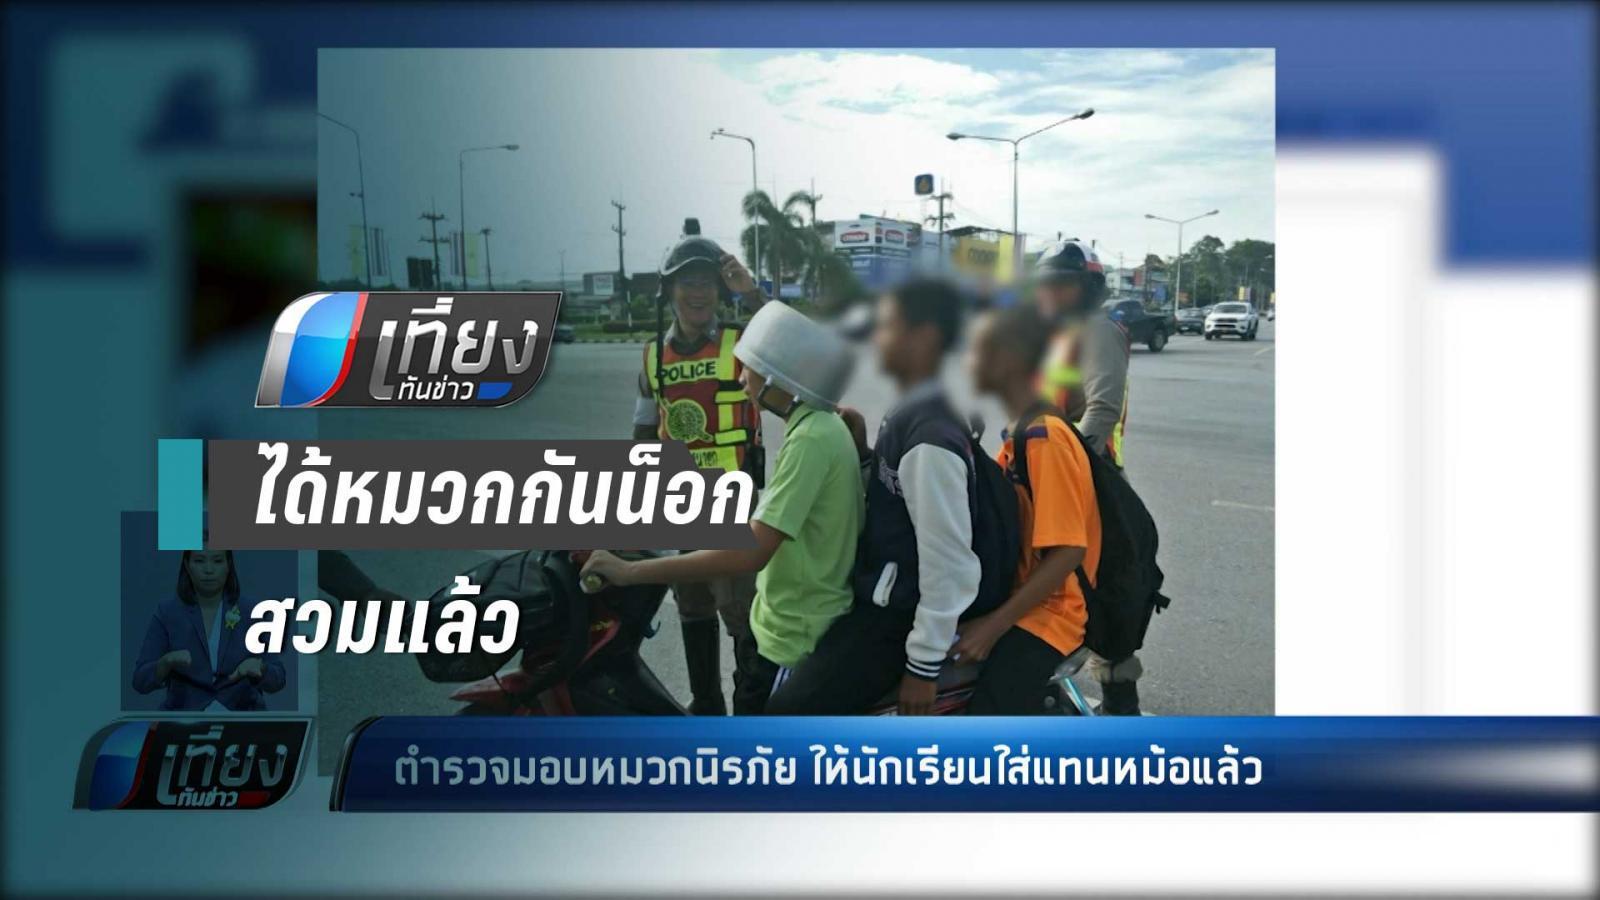 ตำรวจมอบหมวกนิรภัย ให้นักเรียนใส่แทนหม้อแล้ว